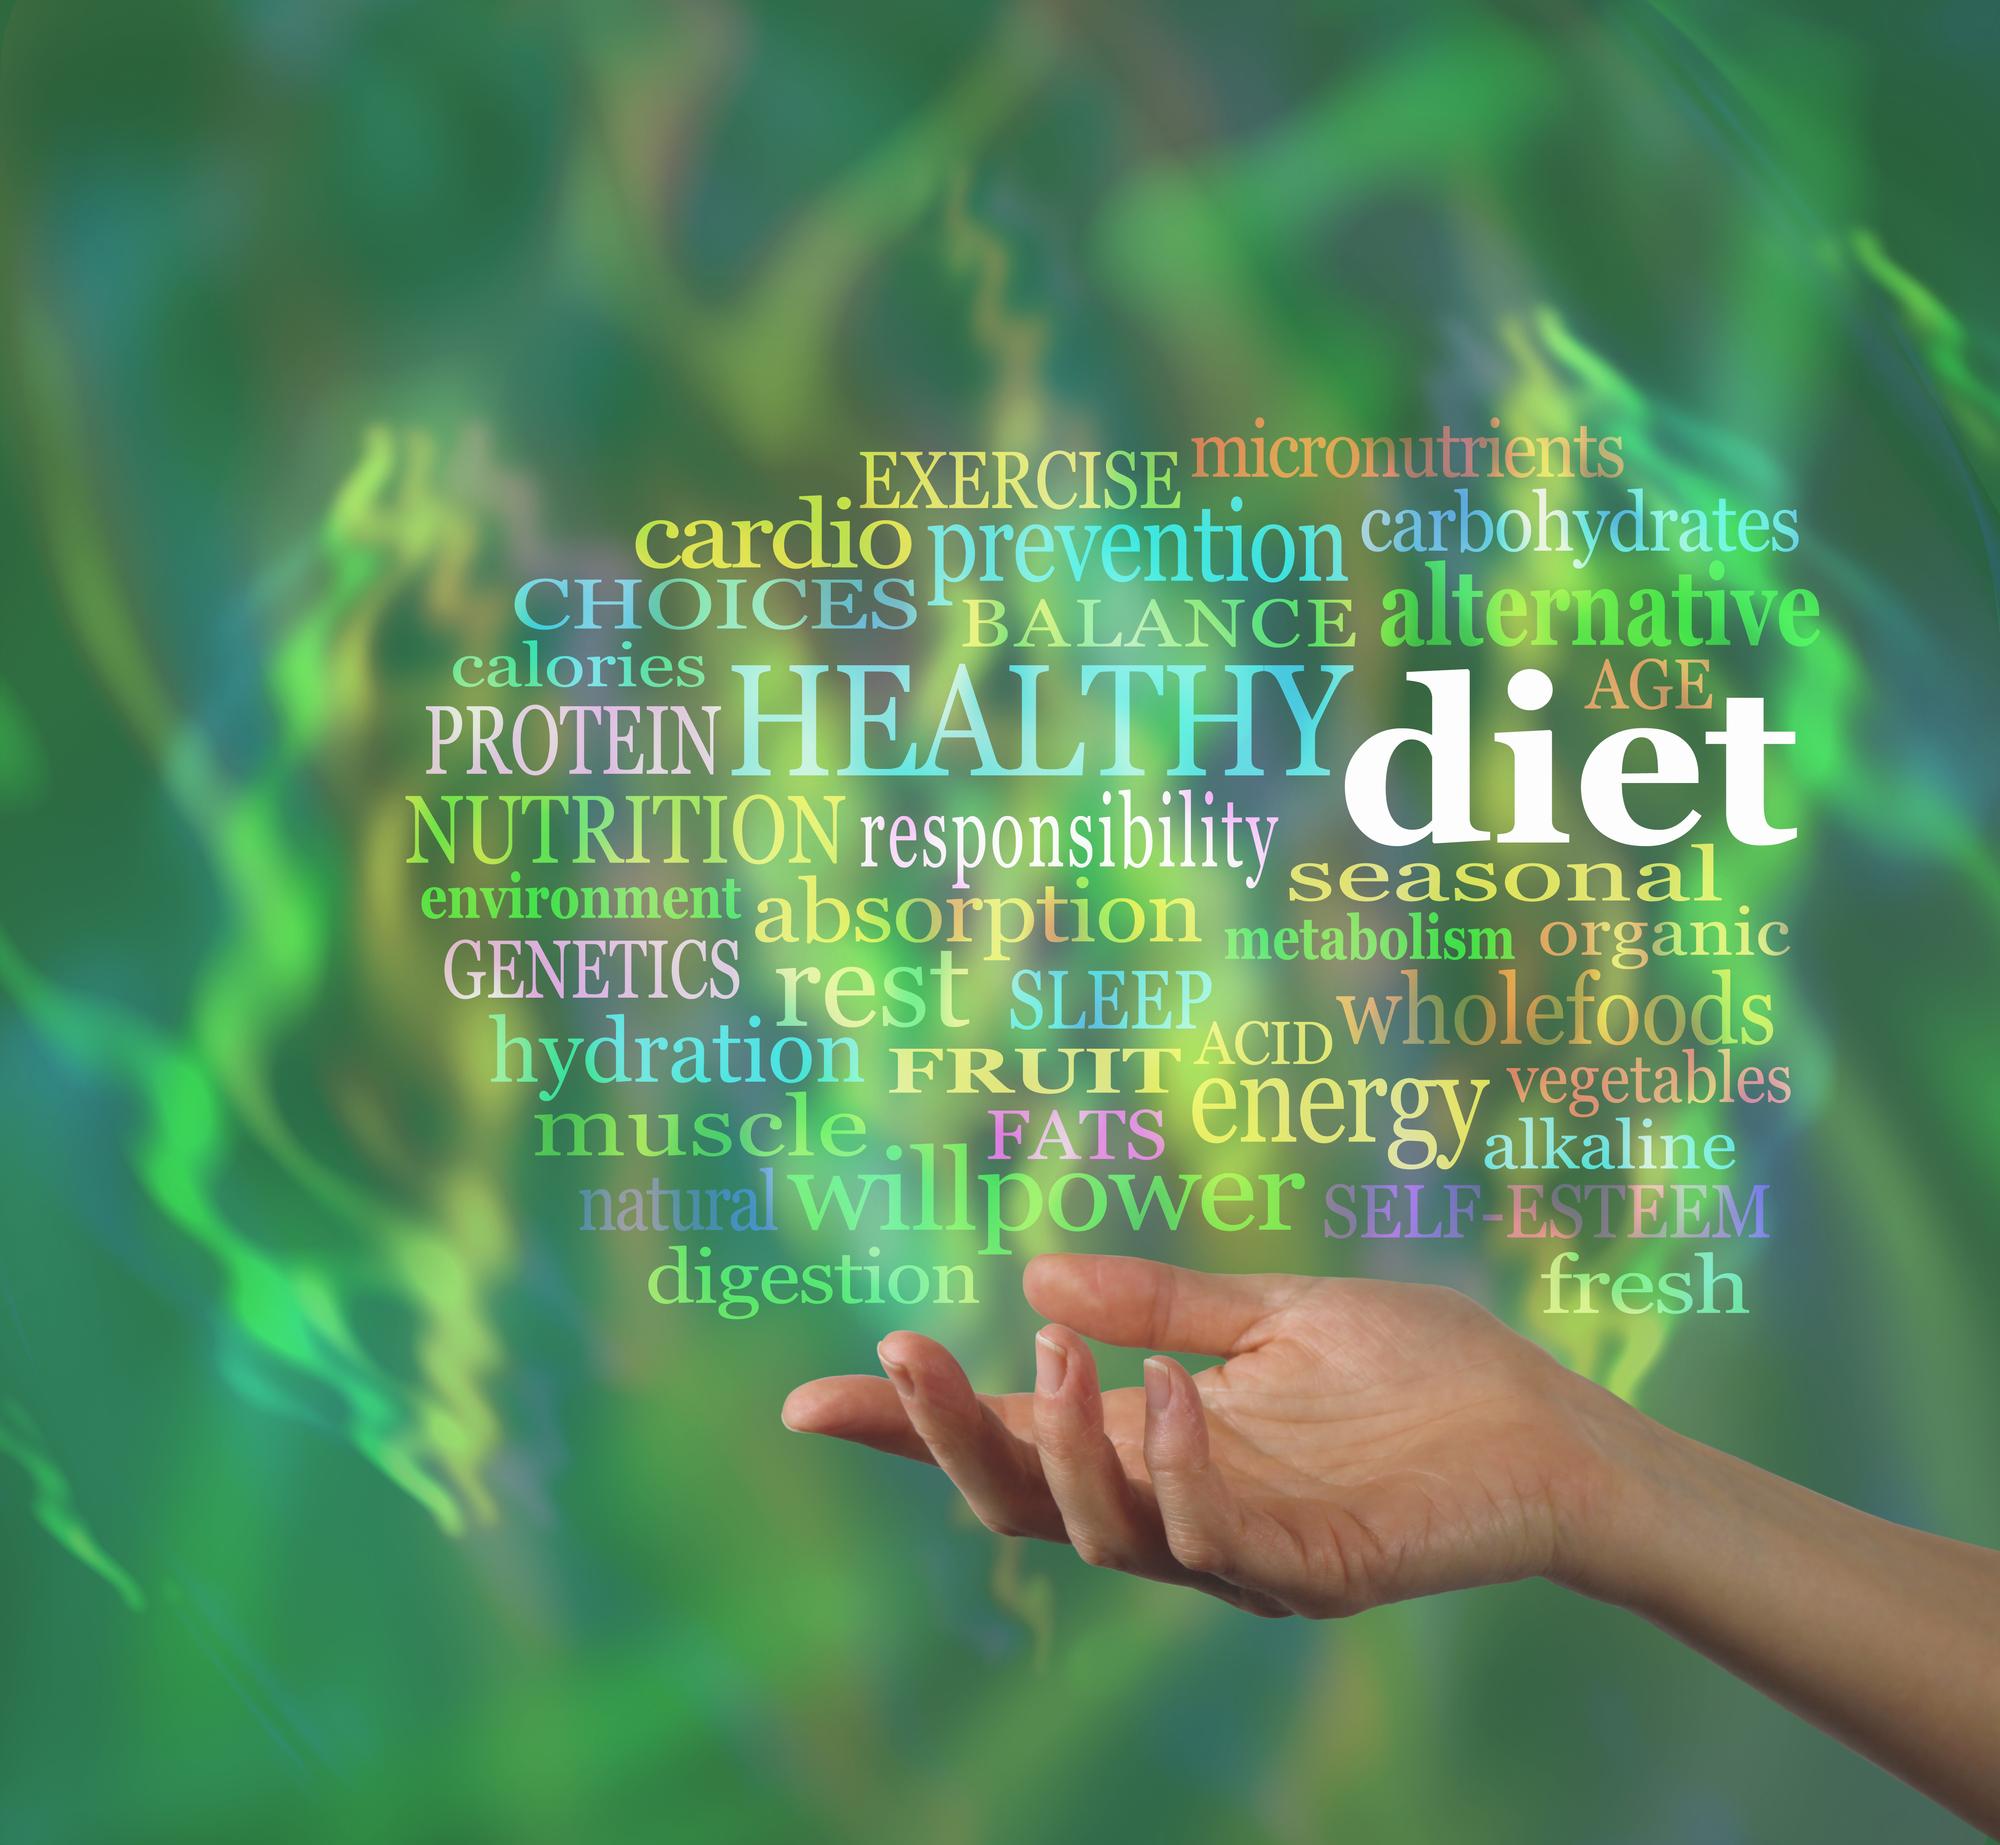 Consultas Preventivas: Optimiza Tu Salud y Retrasa el Envejecimiento